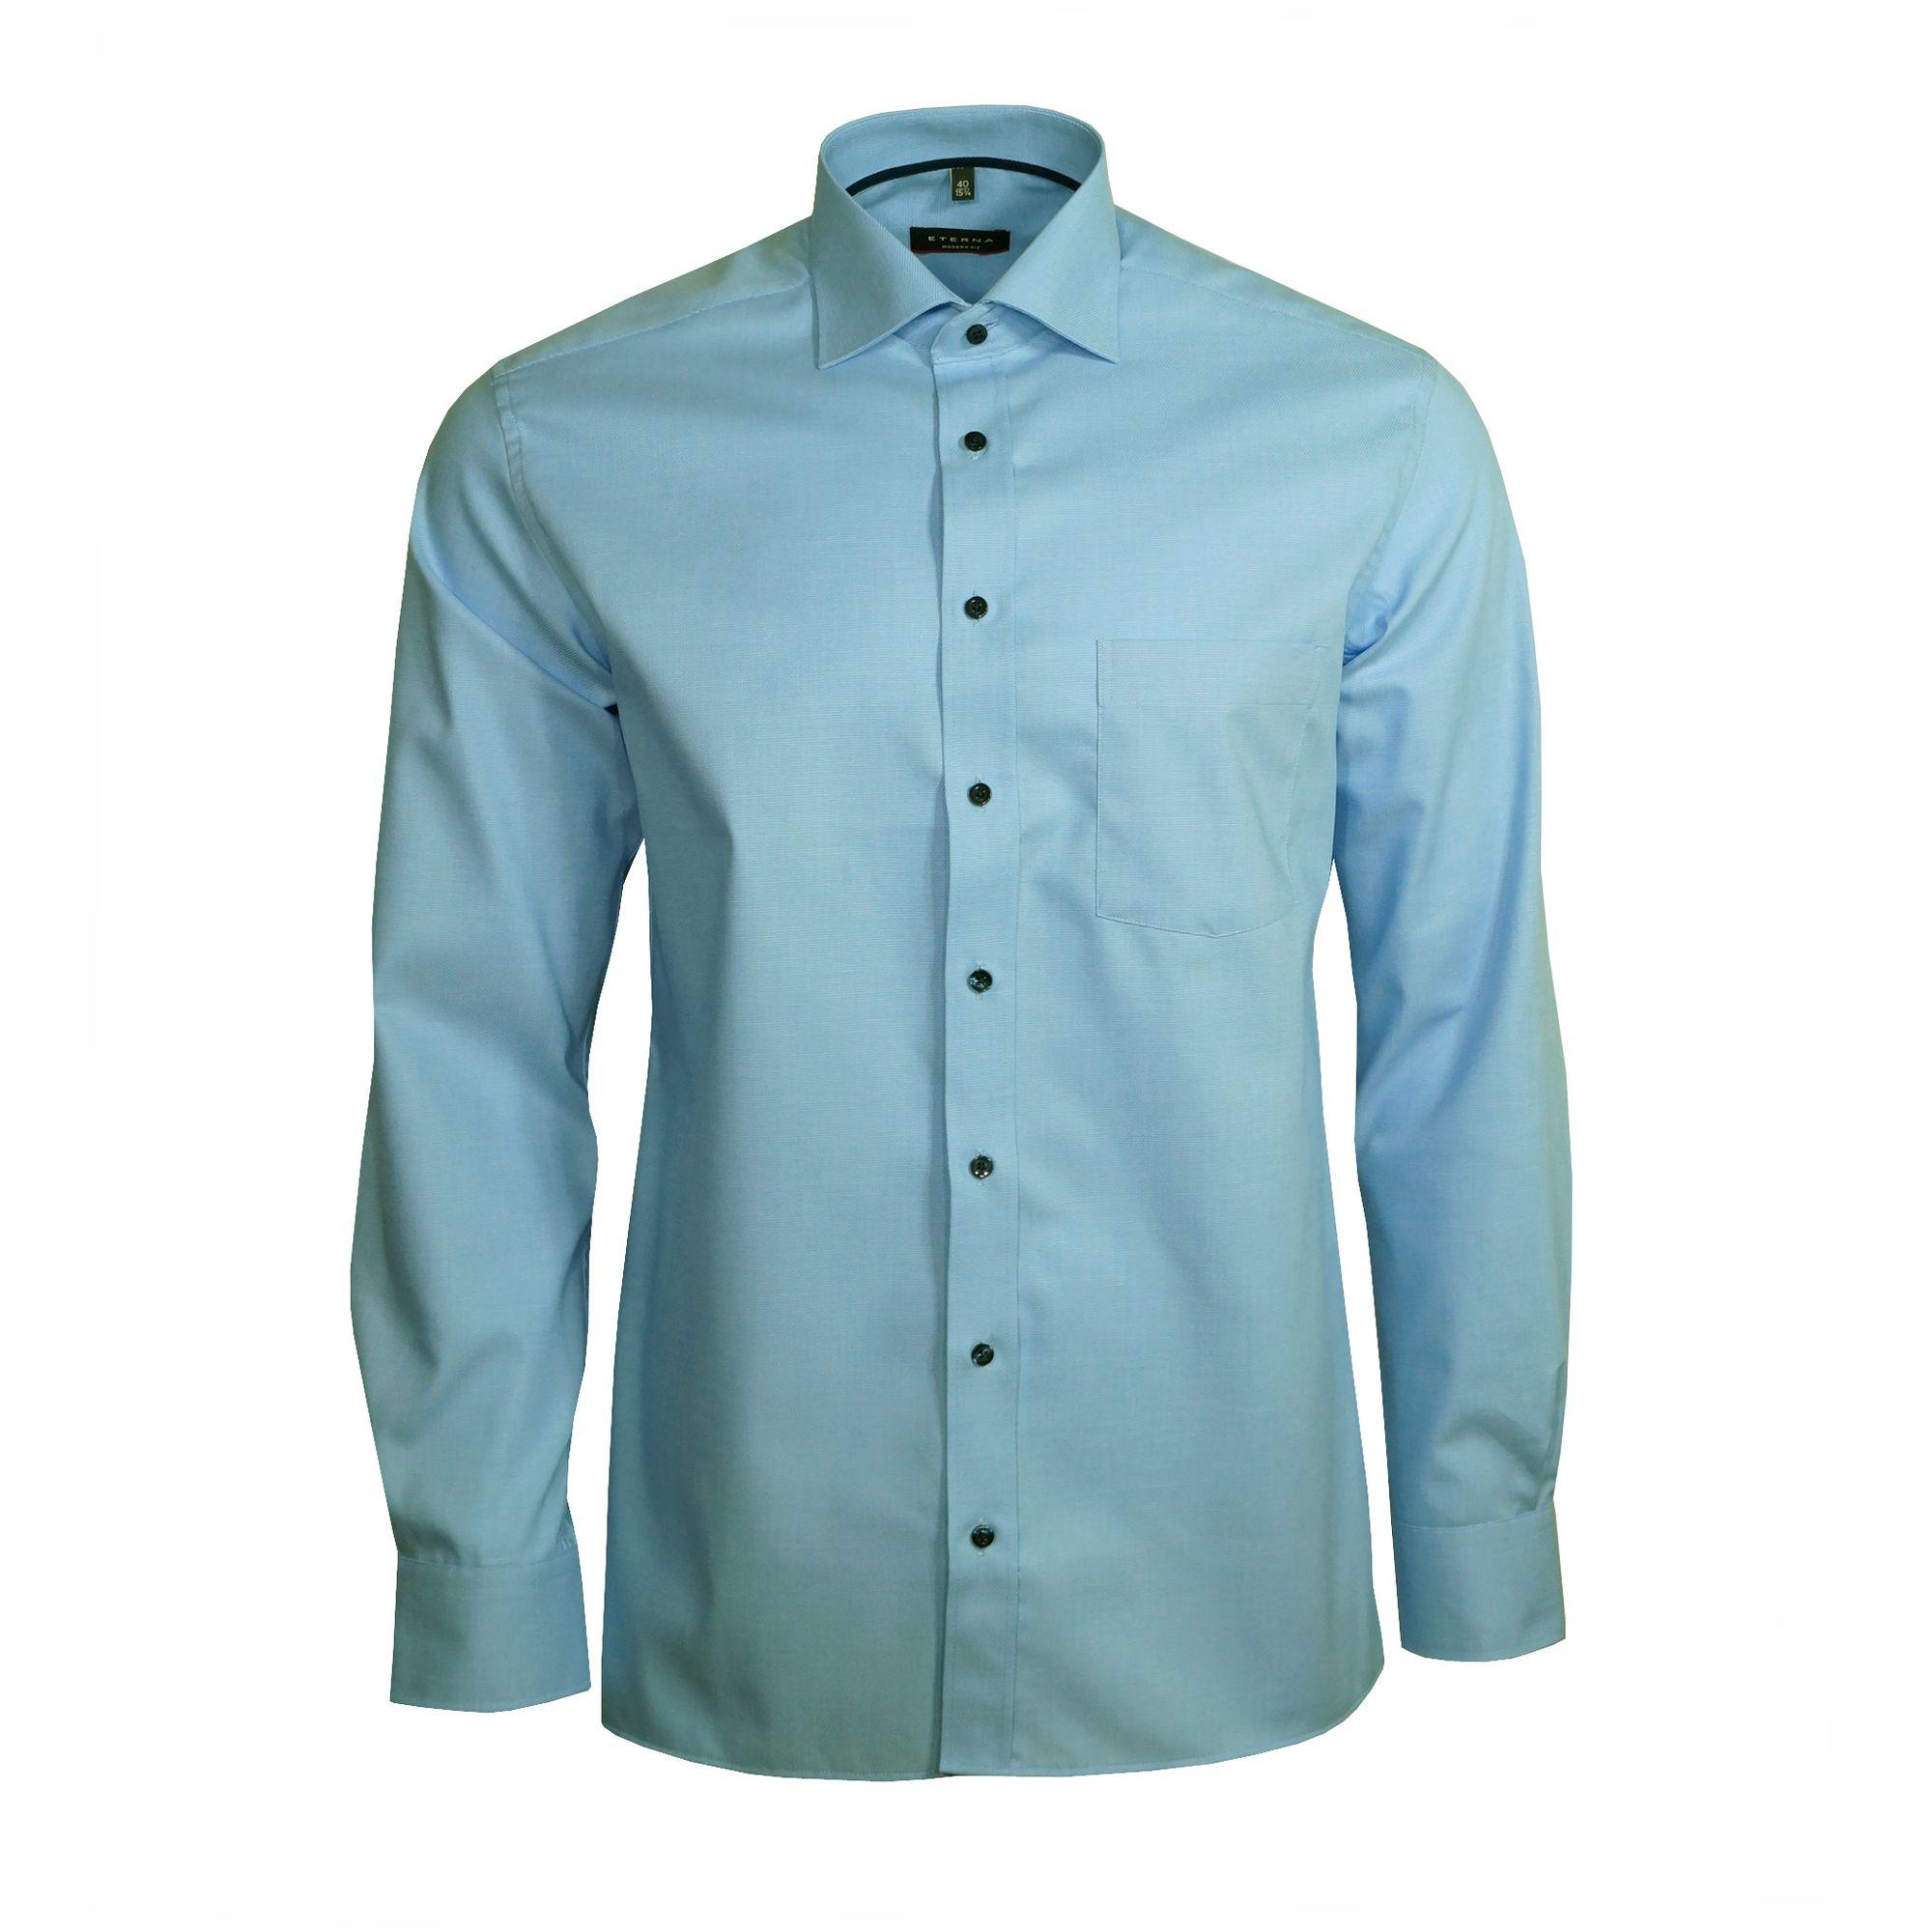 5bd34531e336 Eterna Herren Hemd Langarm Modern Fit Blau XL 43 Hemden 8048 11 X187